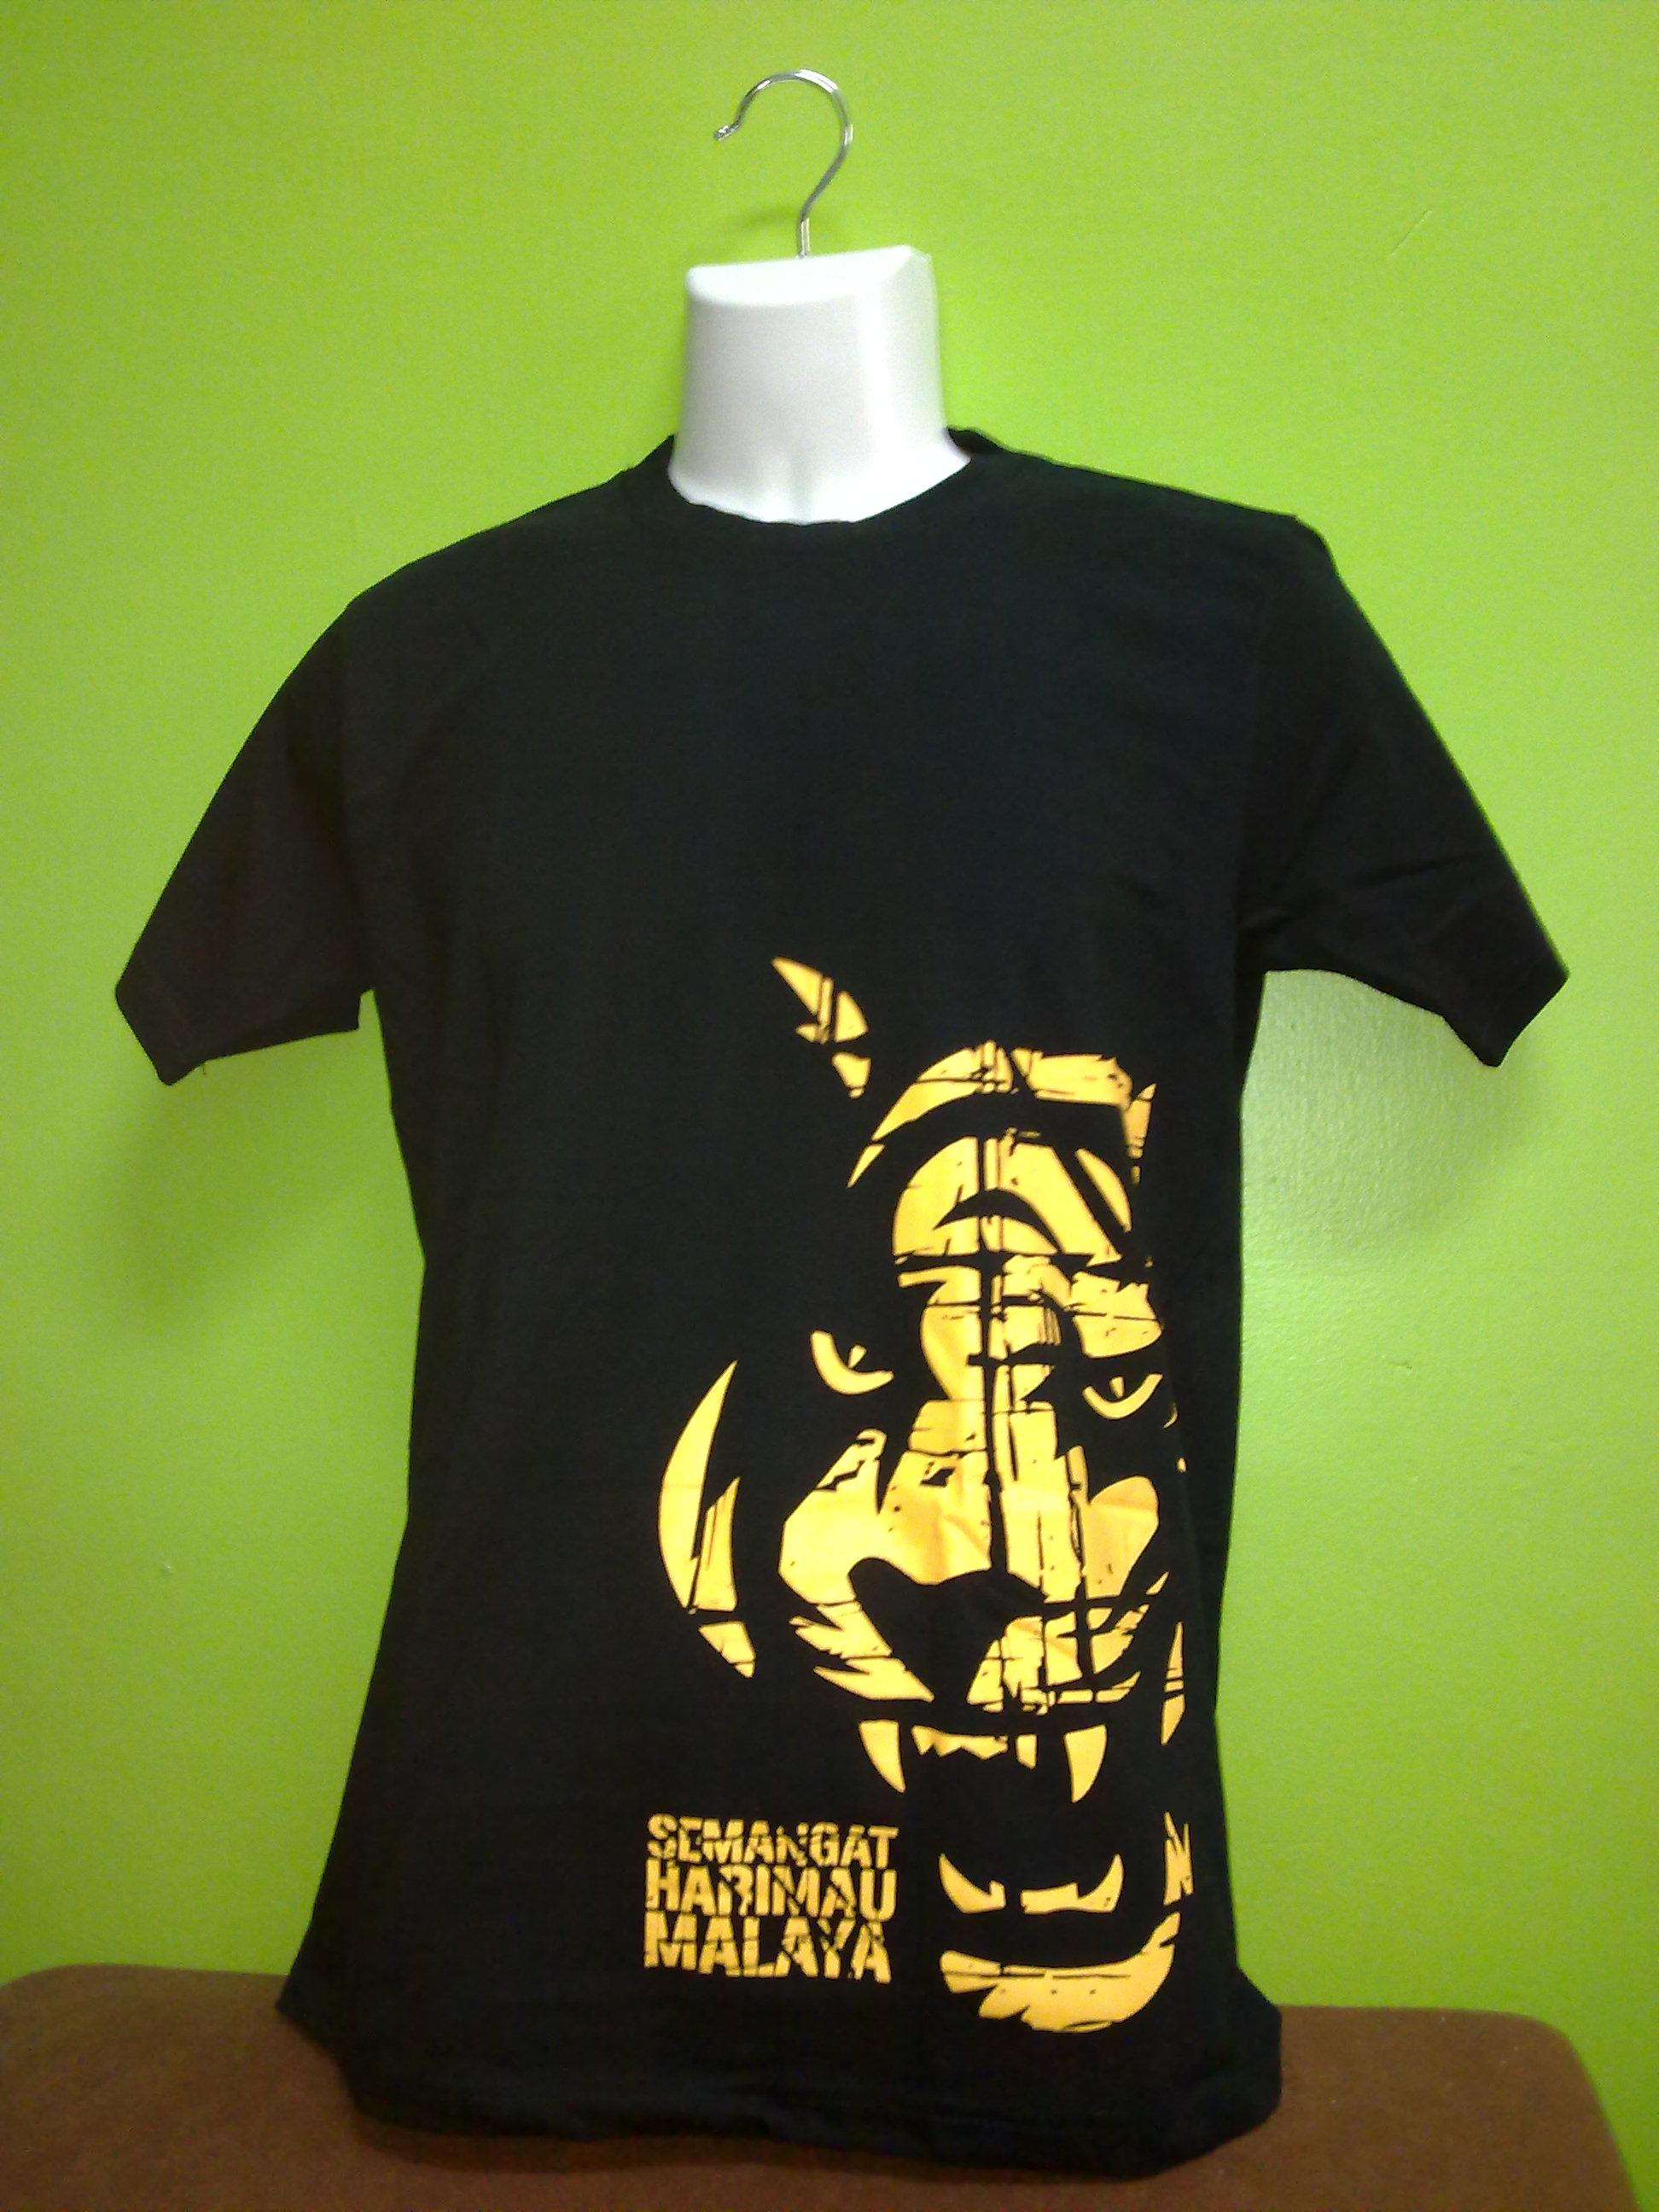 Designs contoh baju t shirt design baju berkolar shirt berkolar - Akhirnya Kontroversi Mengenai Rekaan T Shirt Harimau Malaya Telah Temui Penyelesaian Secara Positif Antara Pihak Funtasticko Design Cokelat Printing